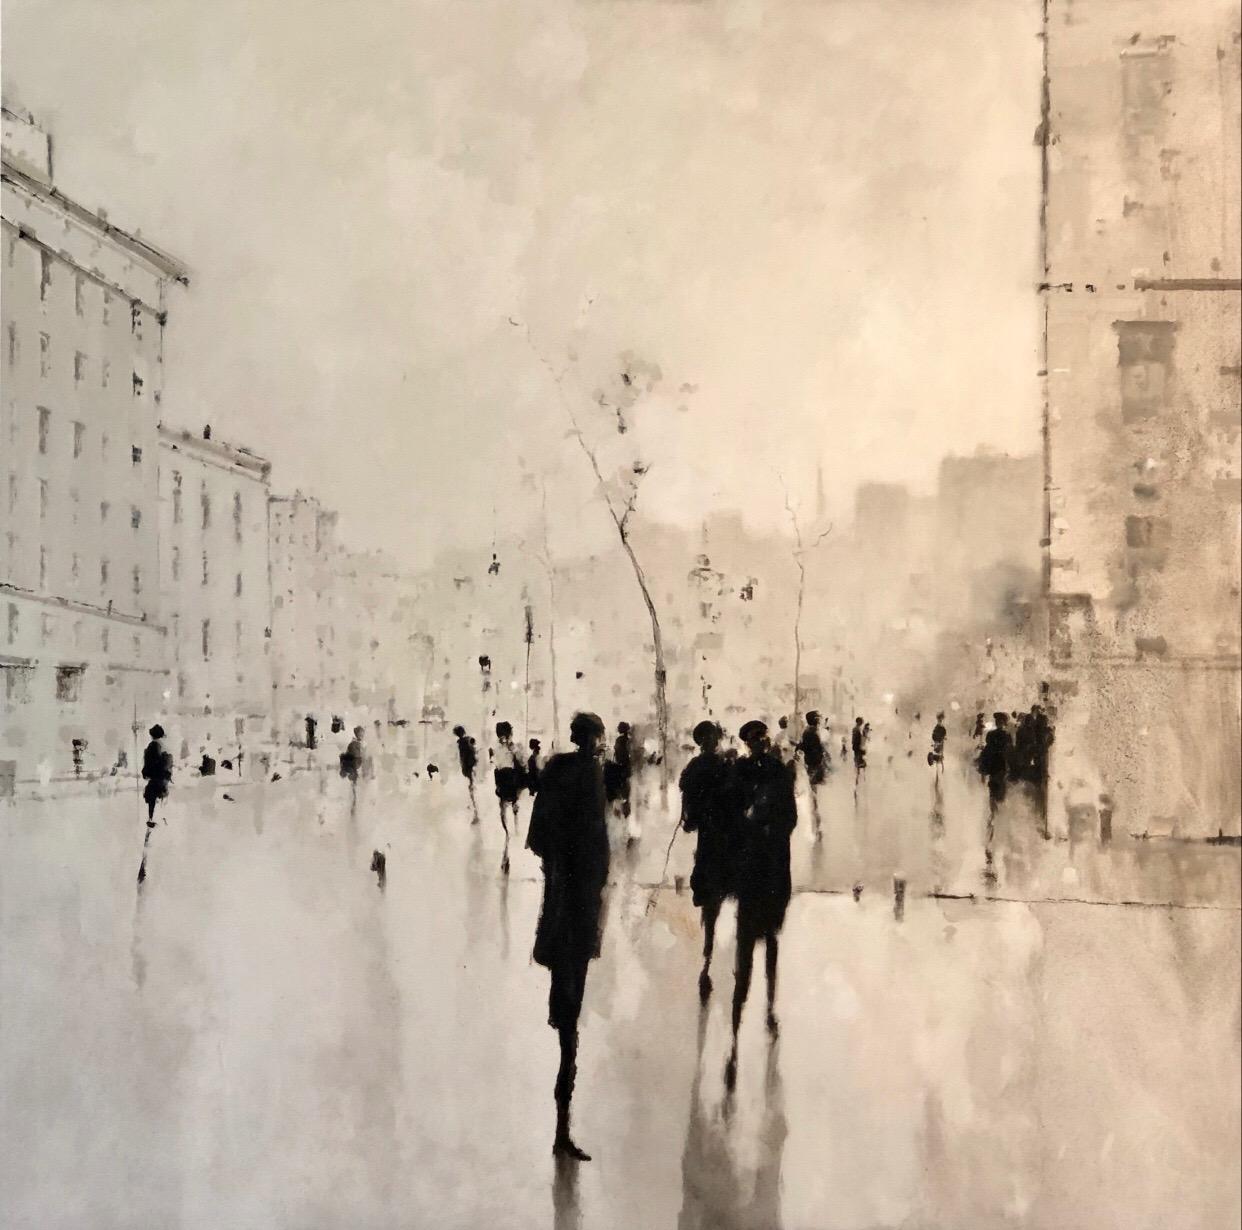 City Corner, 2019